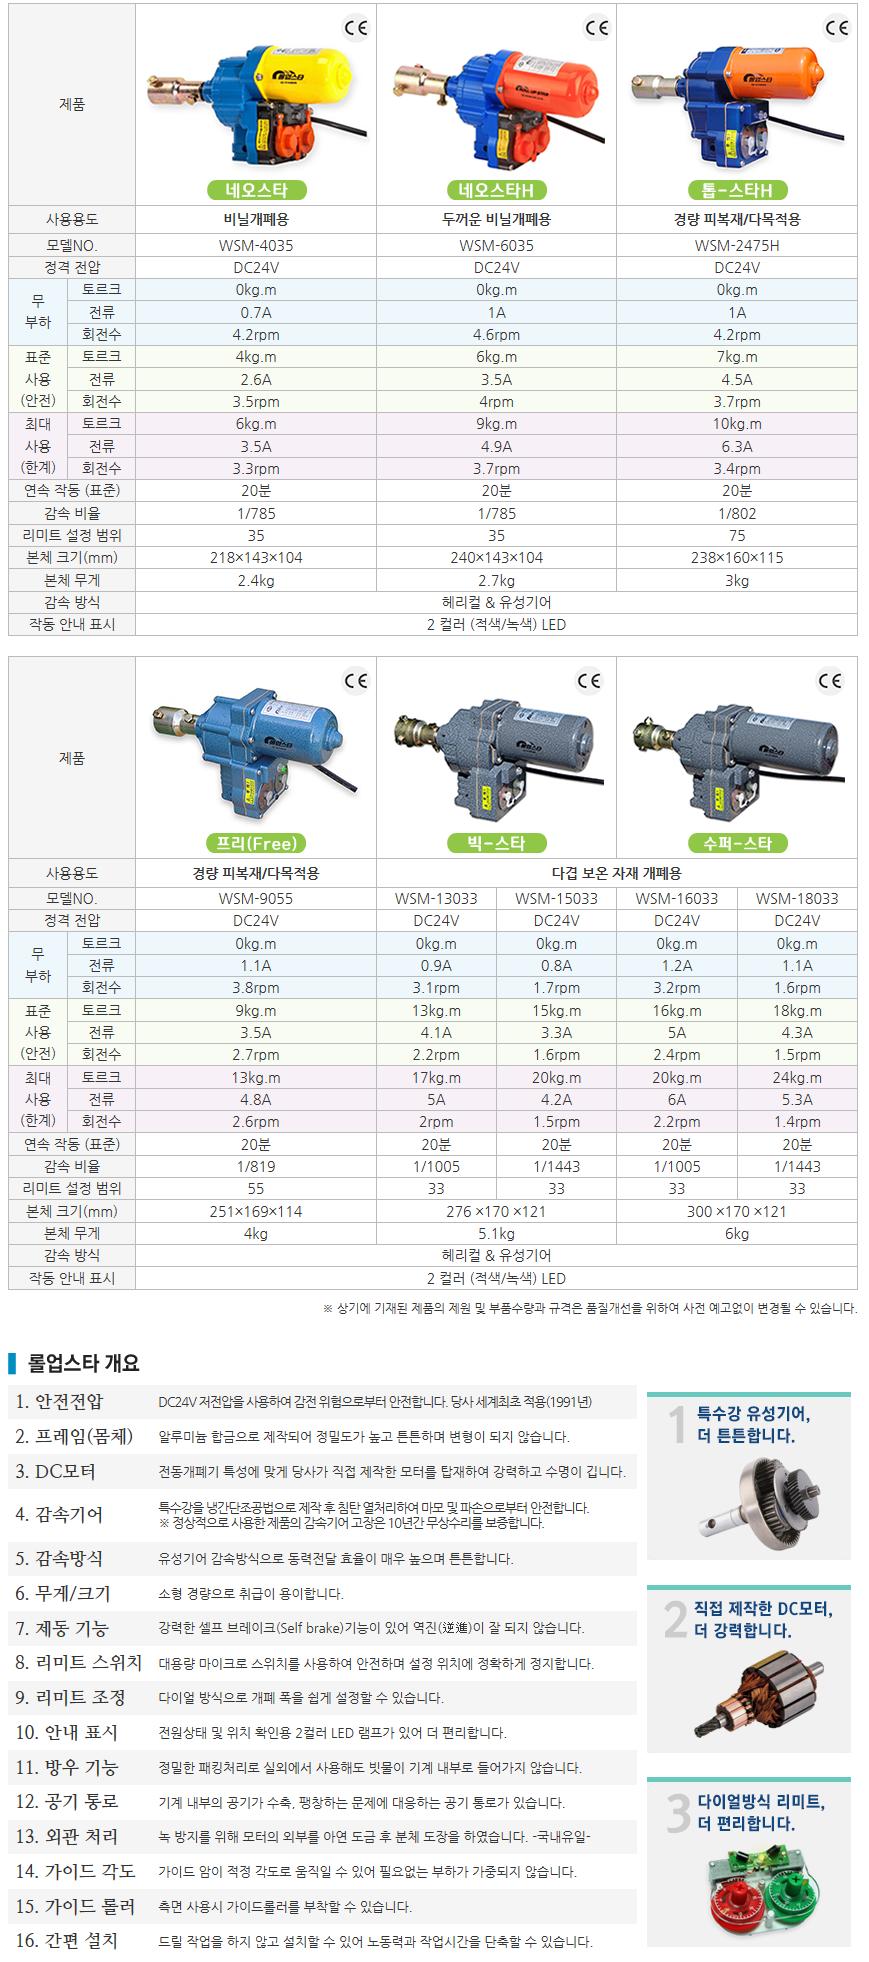 (주)우성하이텍 자연환기창 제어시스템  2